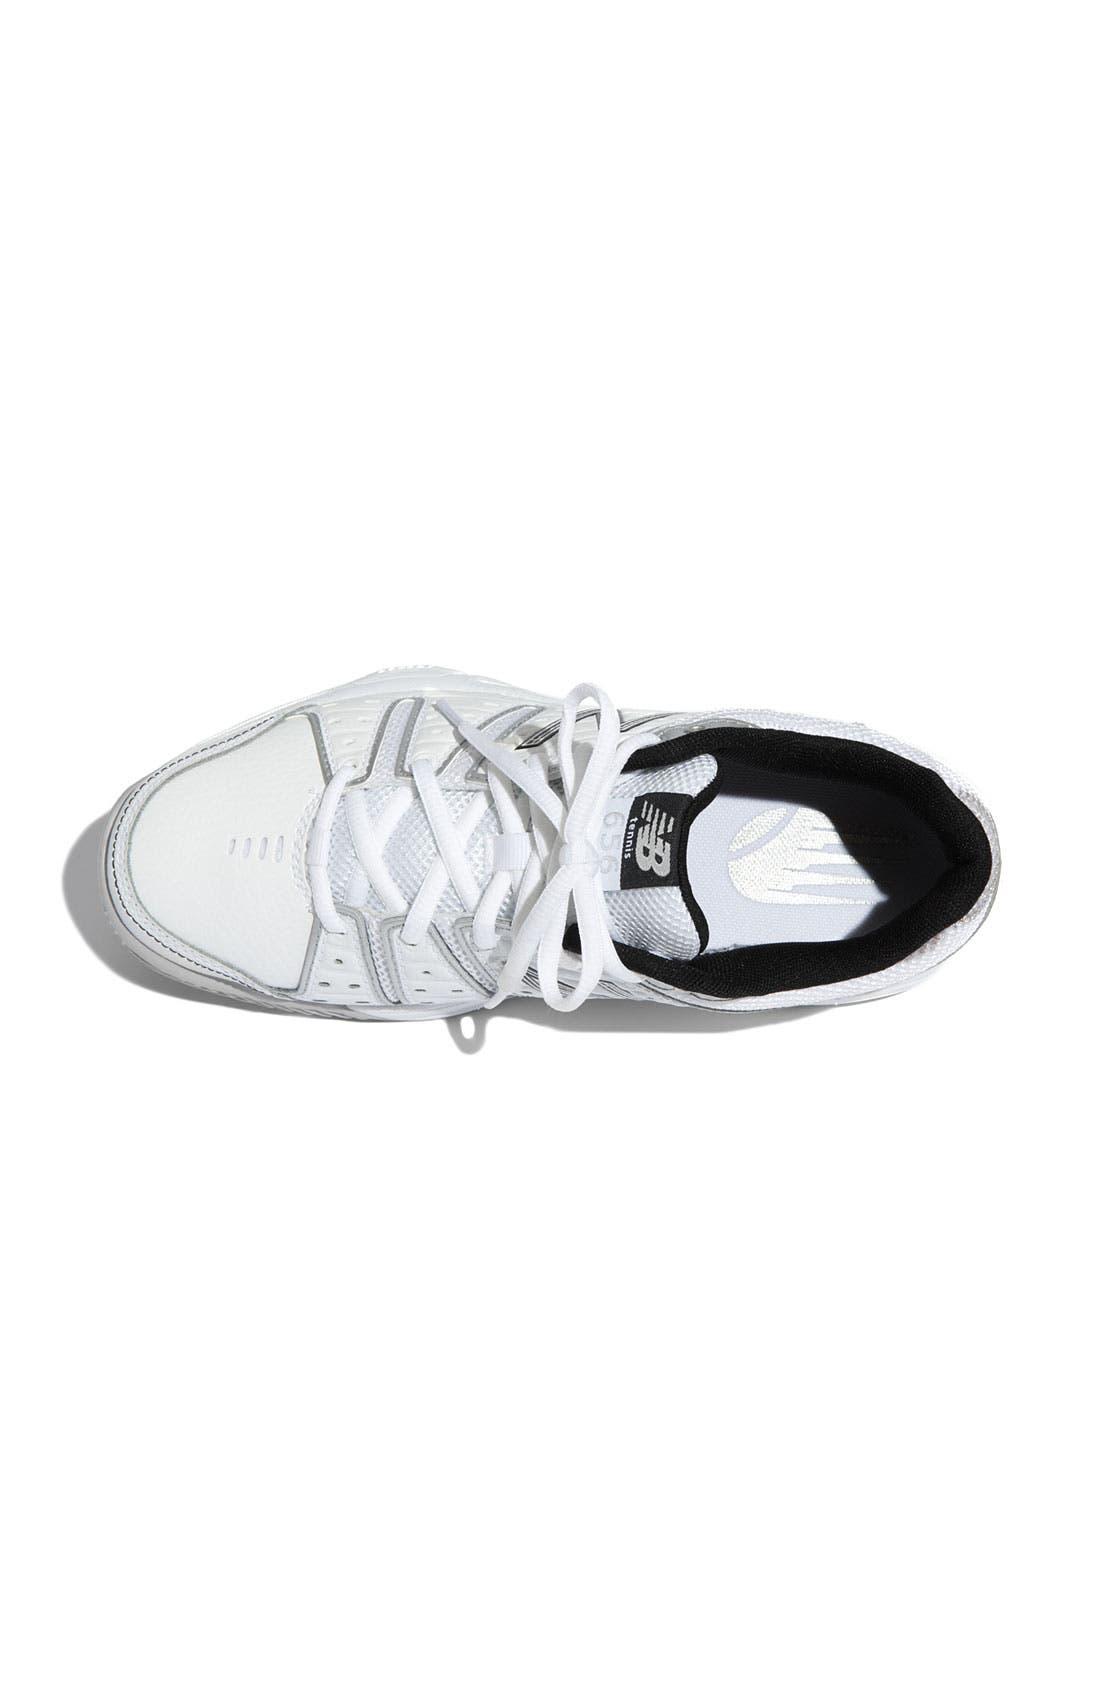 Alternate Image 3  - New Balance '656' Tennis Shoe (Women)(Retail Price: $79.95)